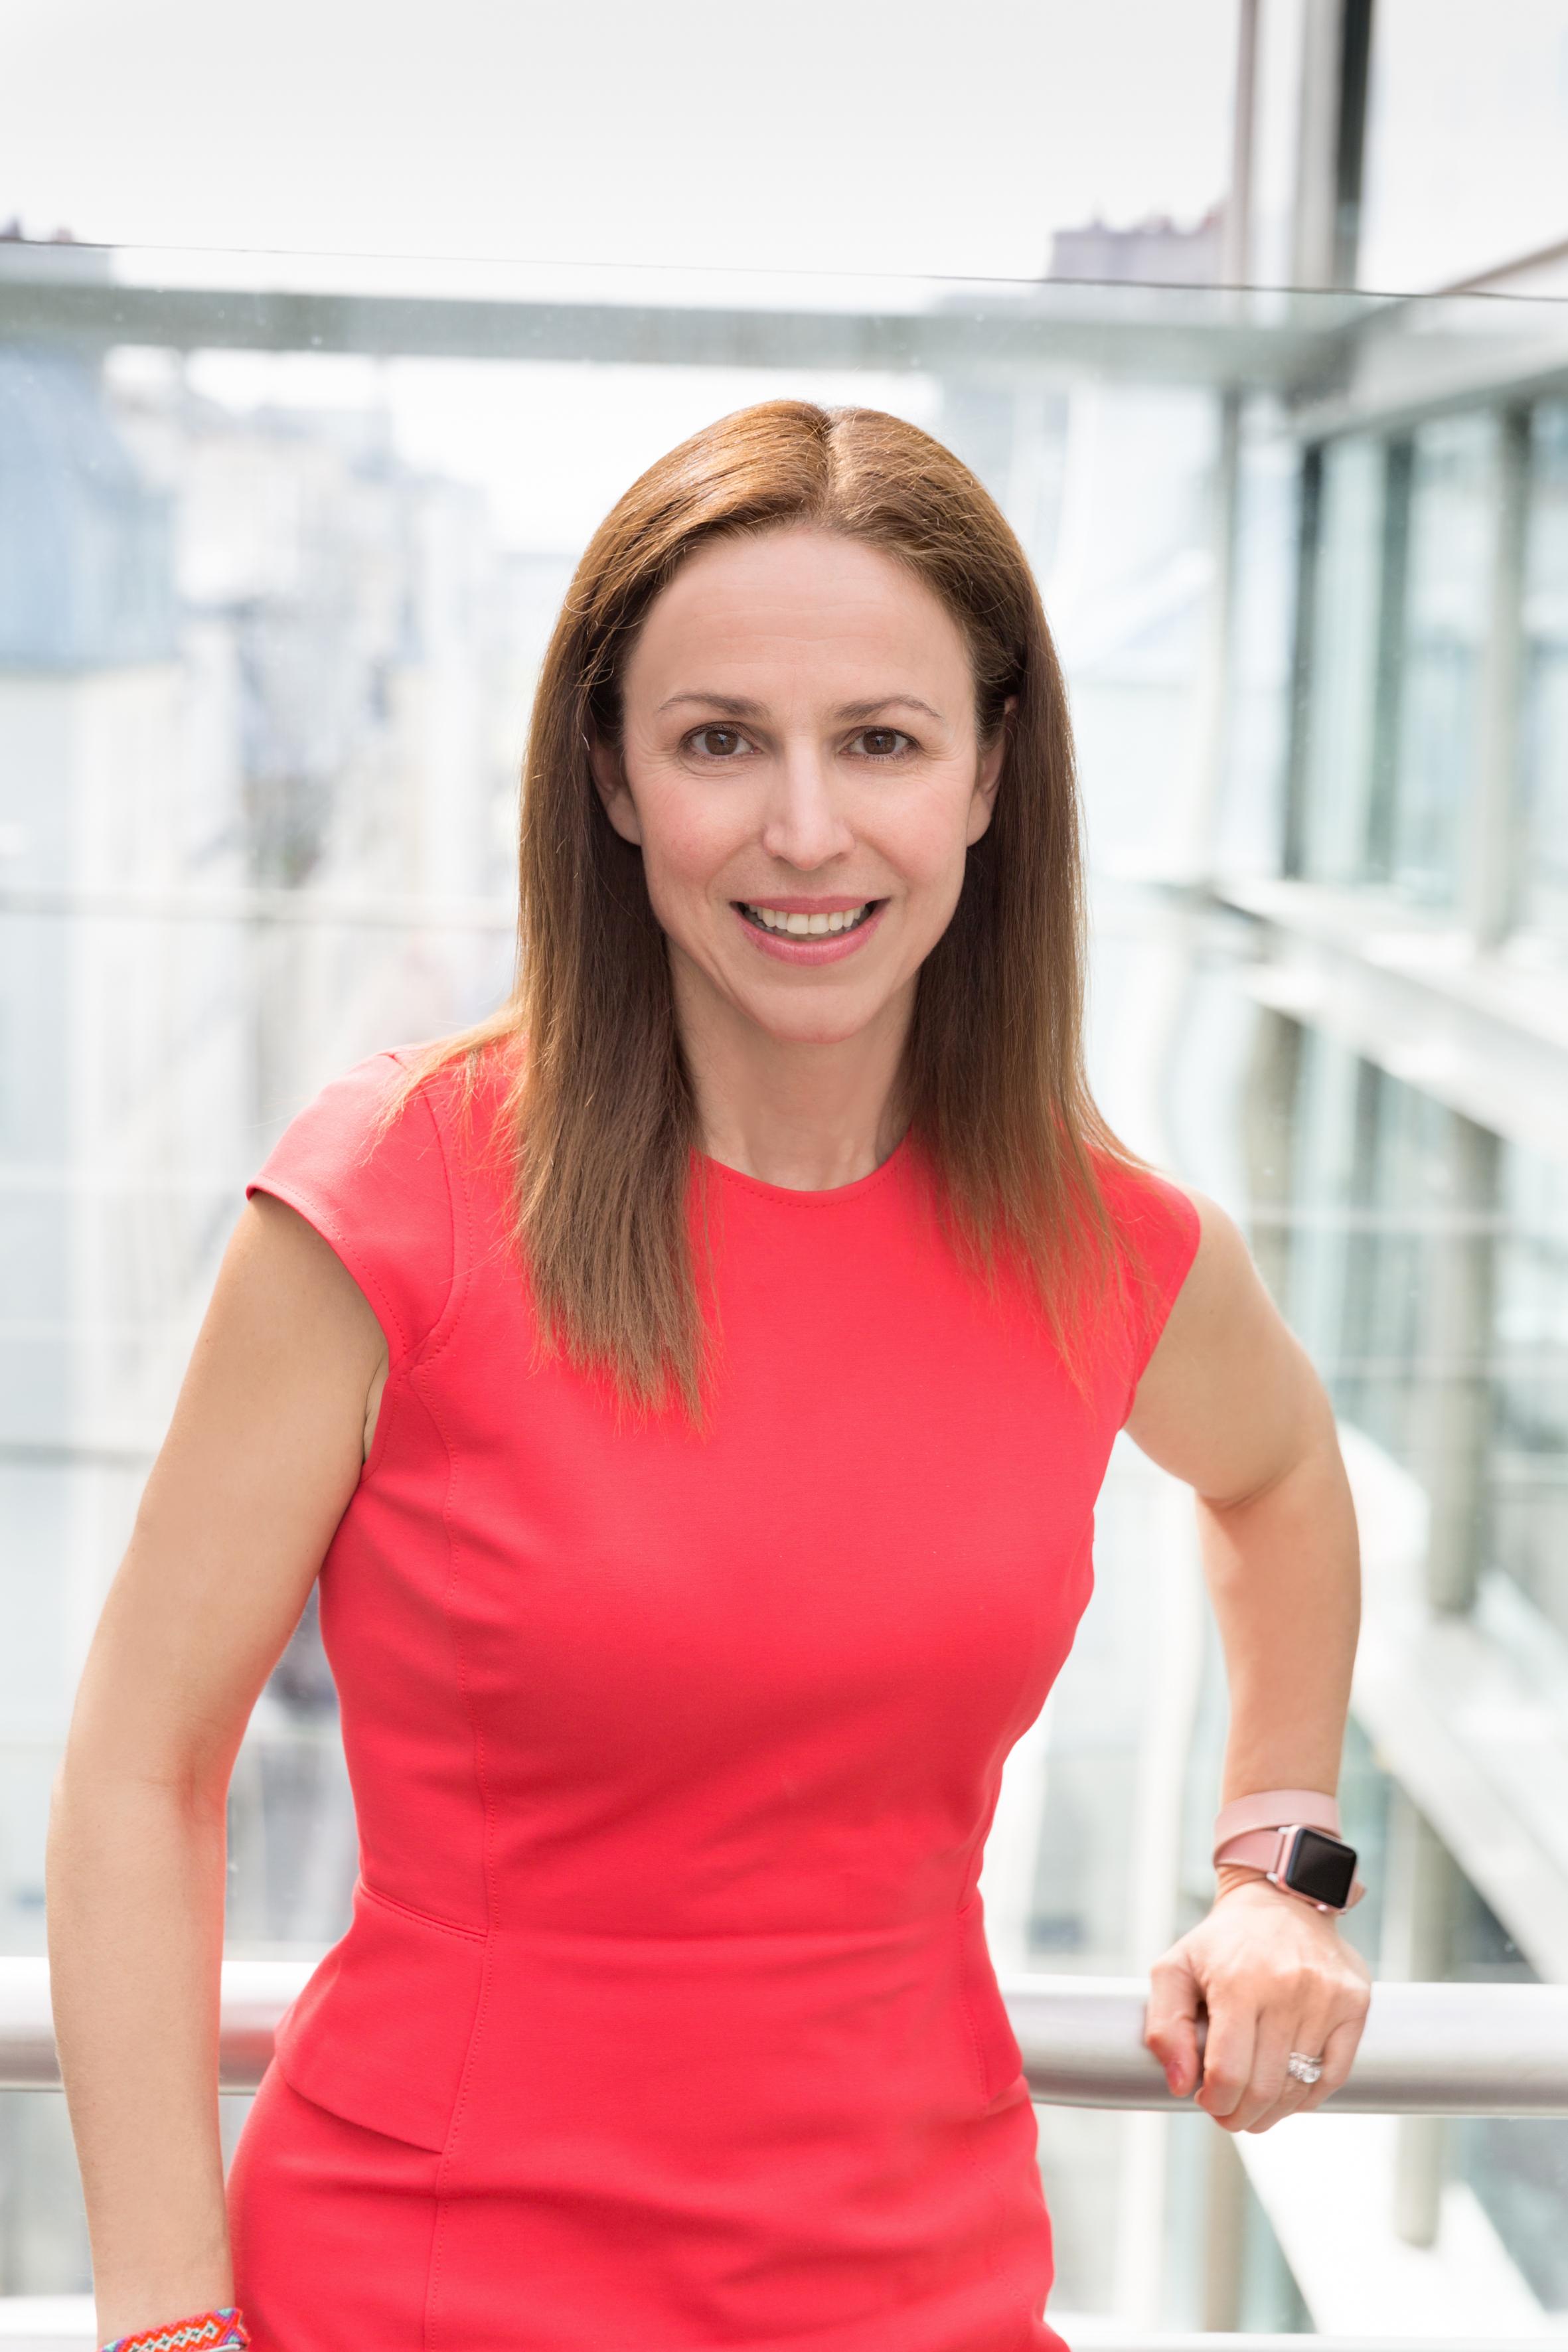 Constance Chalchat, Head of Change Management, BNP Paribas CIB